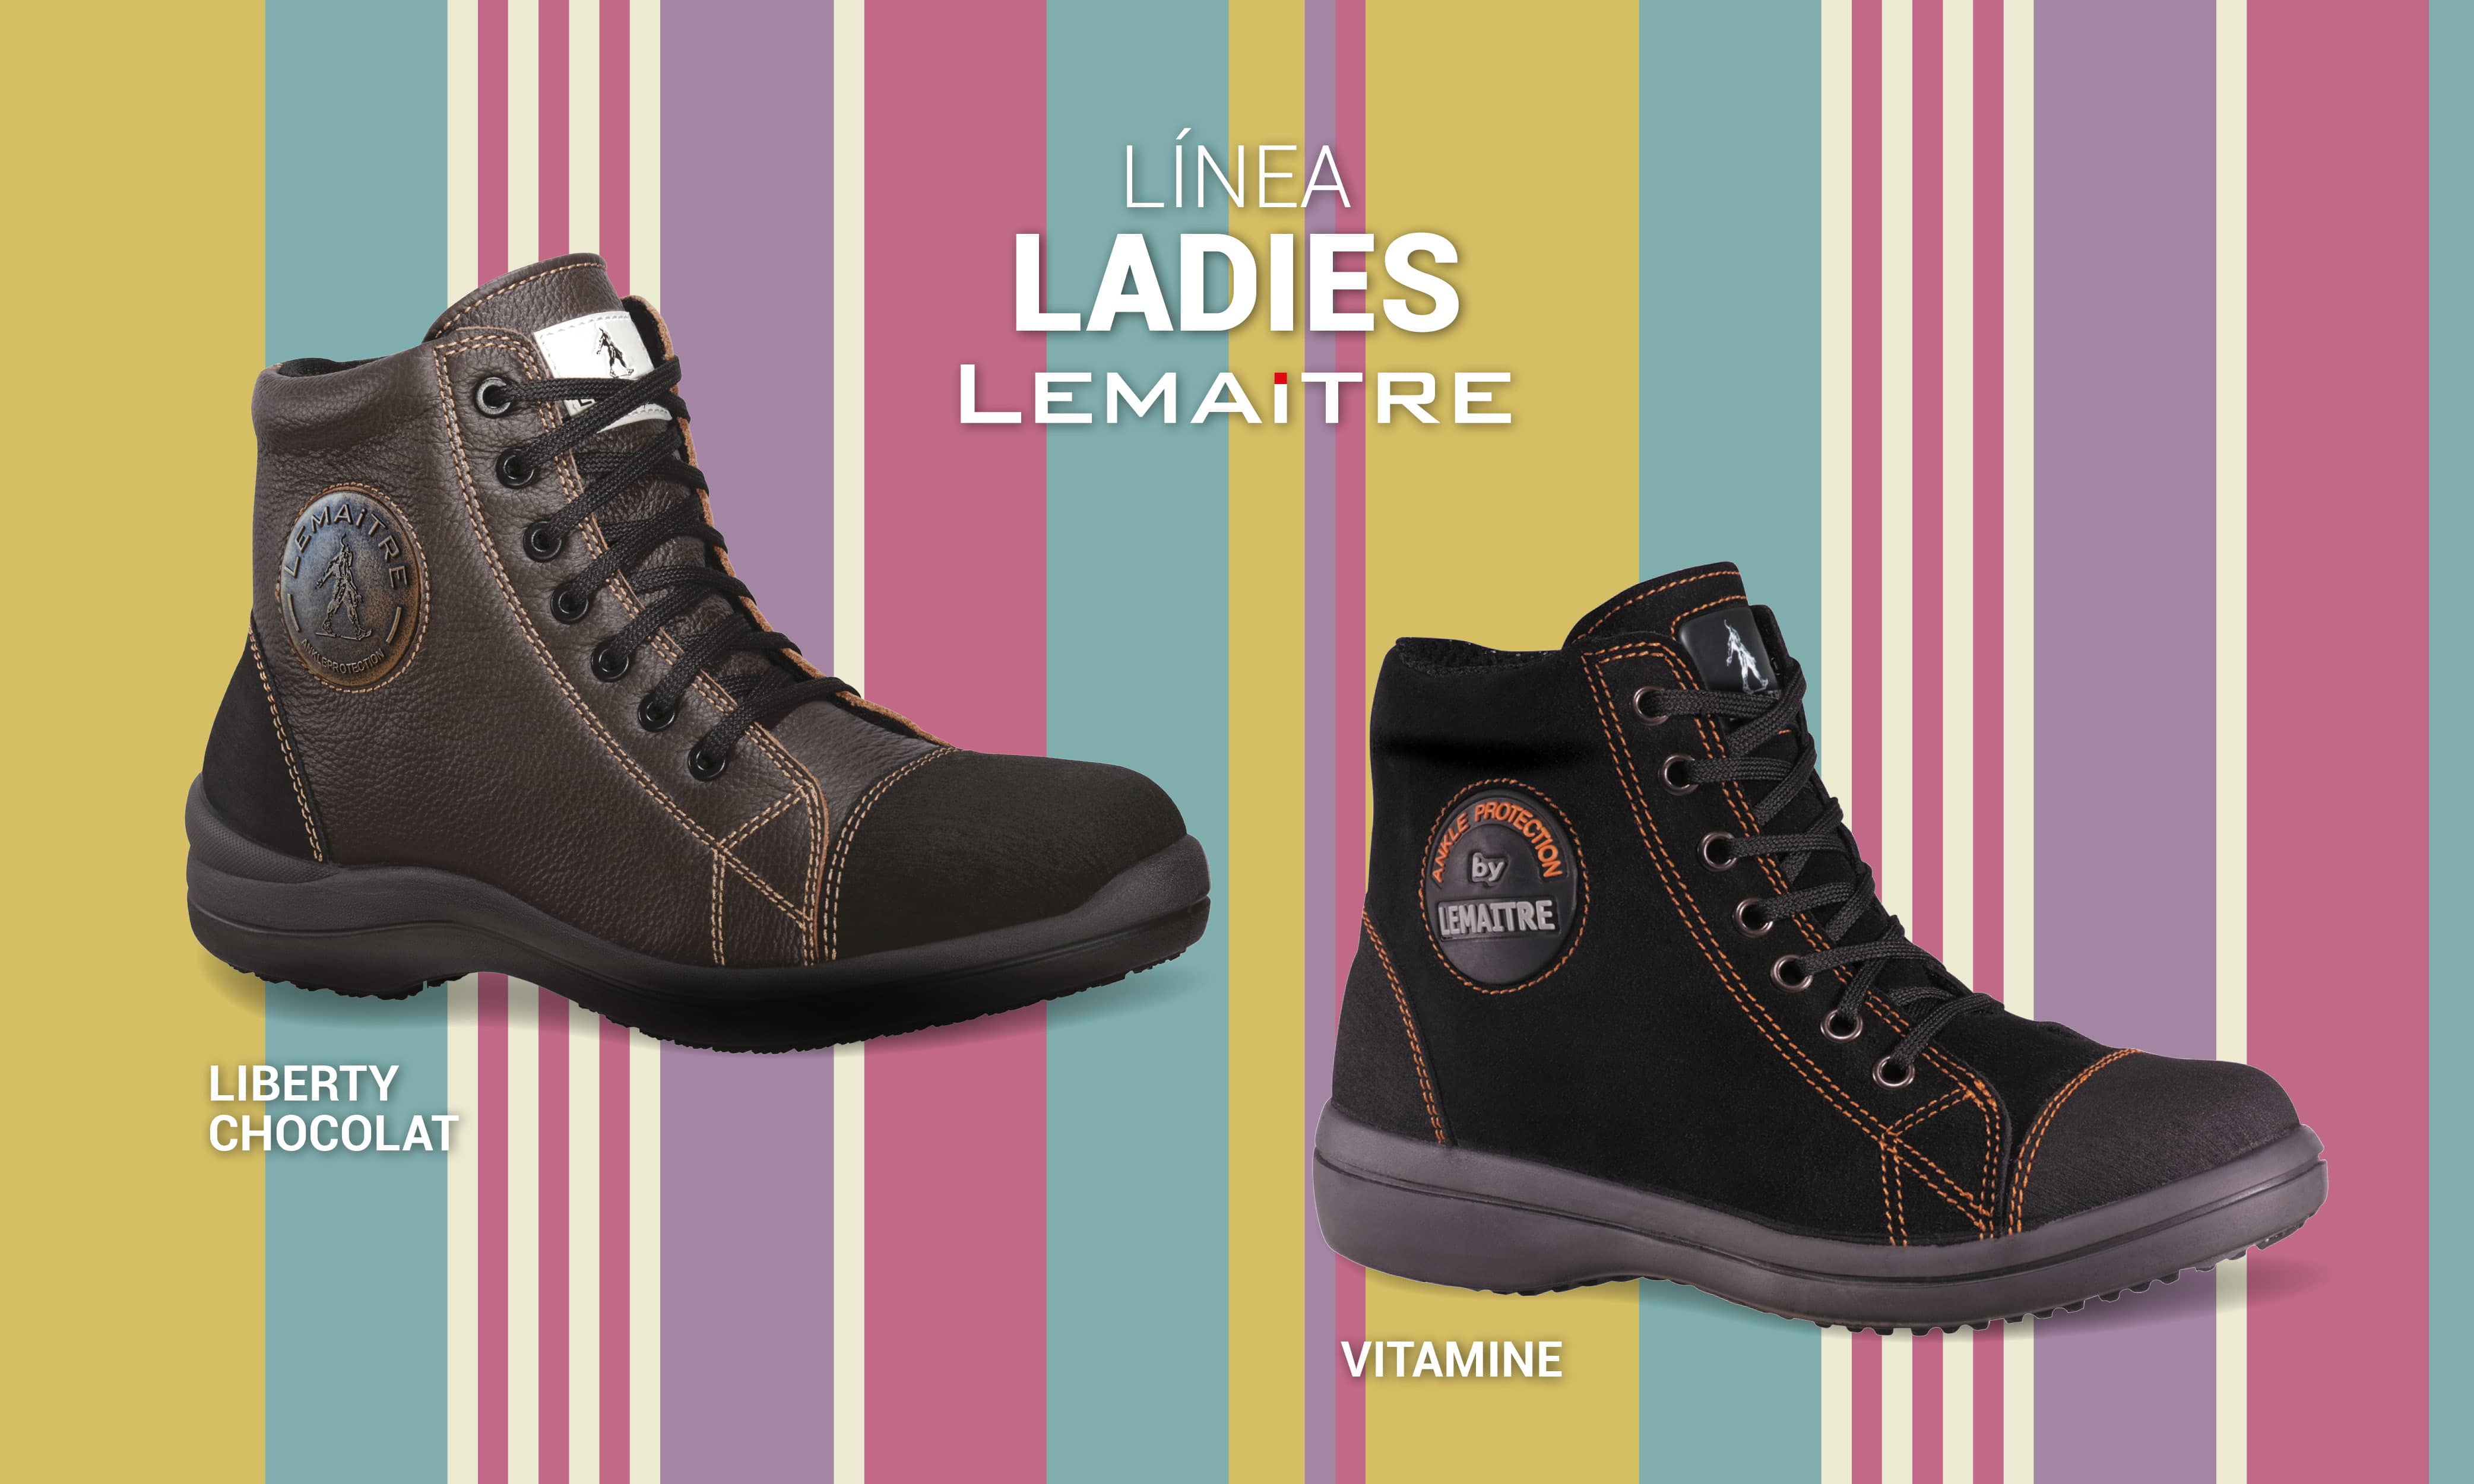 Calzado de seguridad para mujeres / Lamaitre